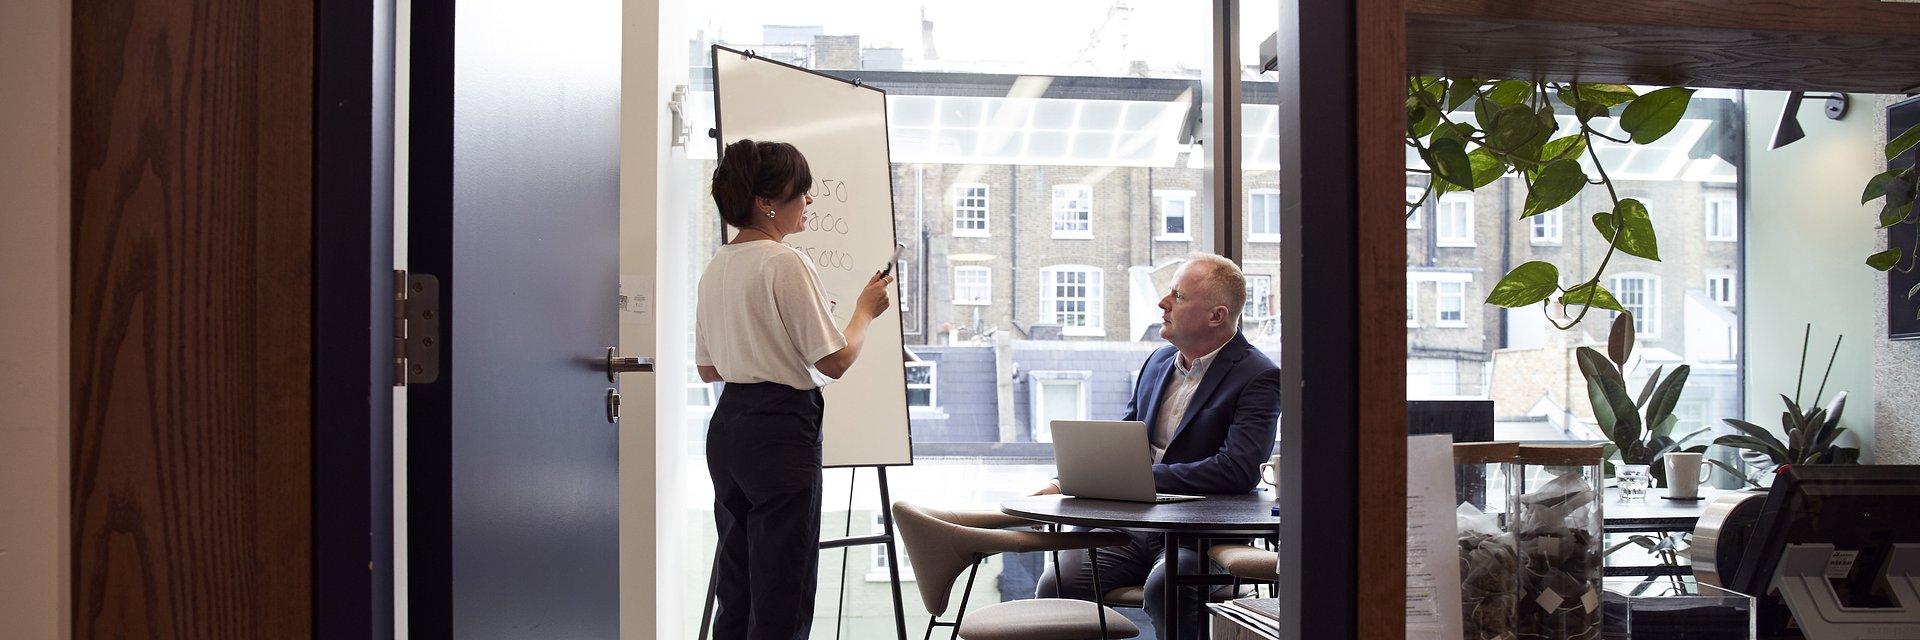 Fakty i mity o konsultantach biznesowych